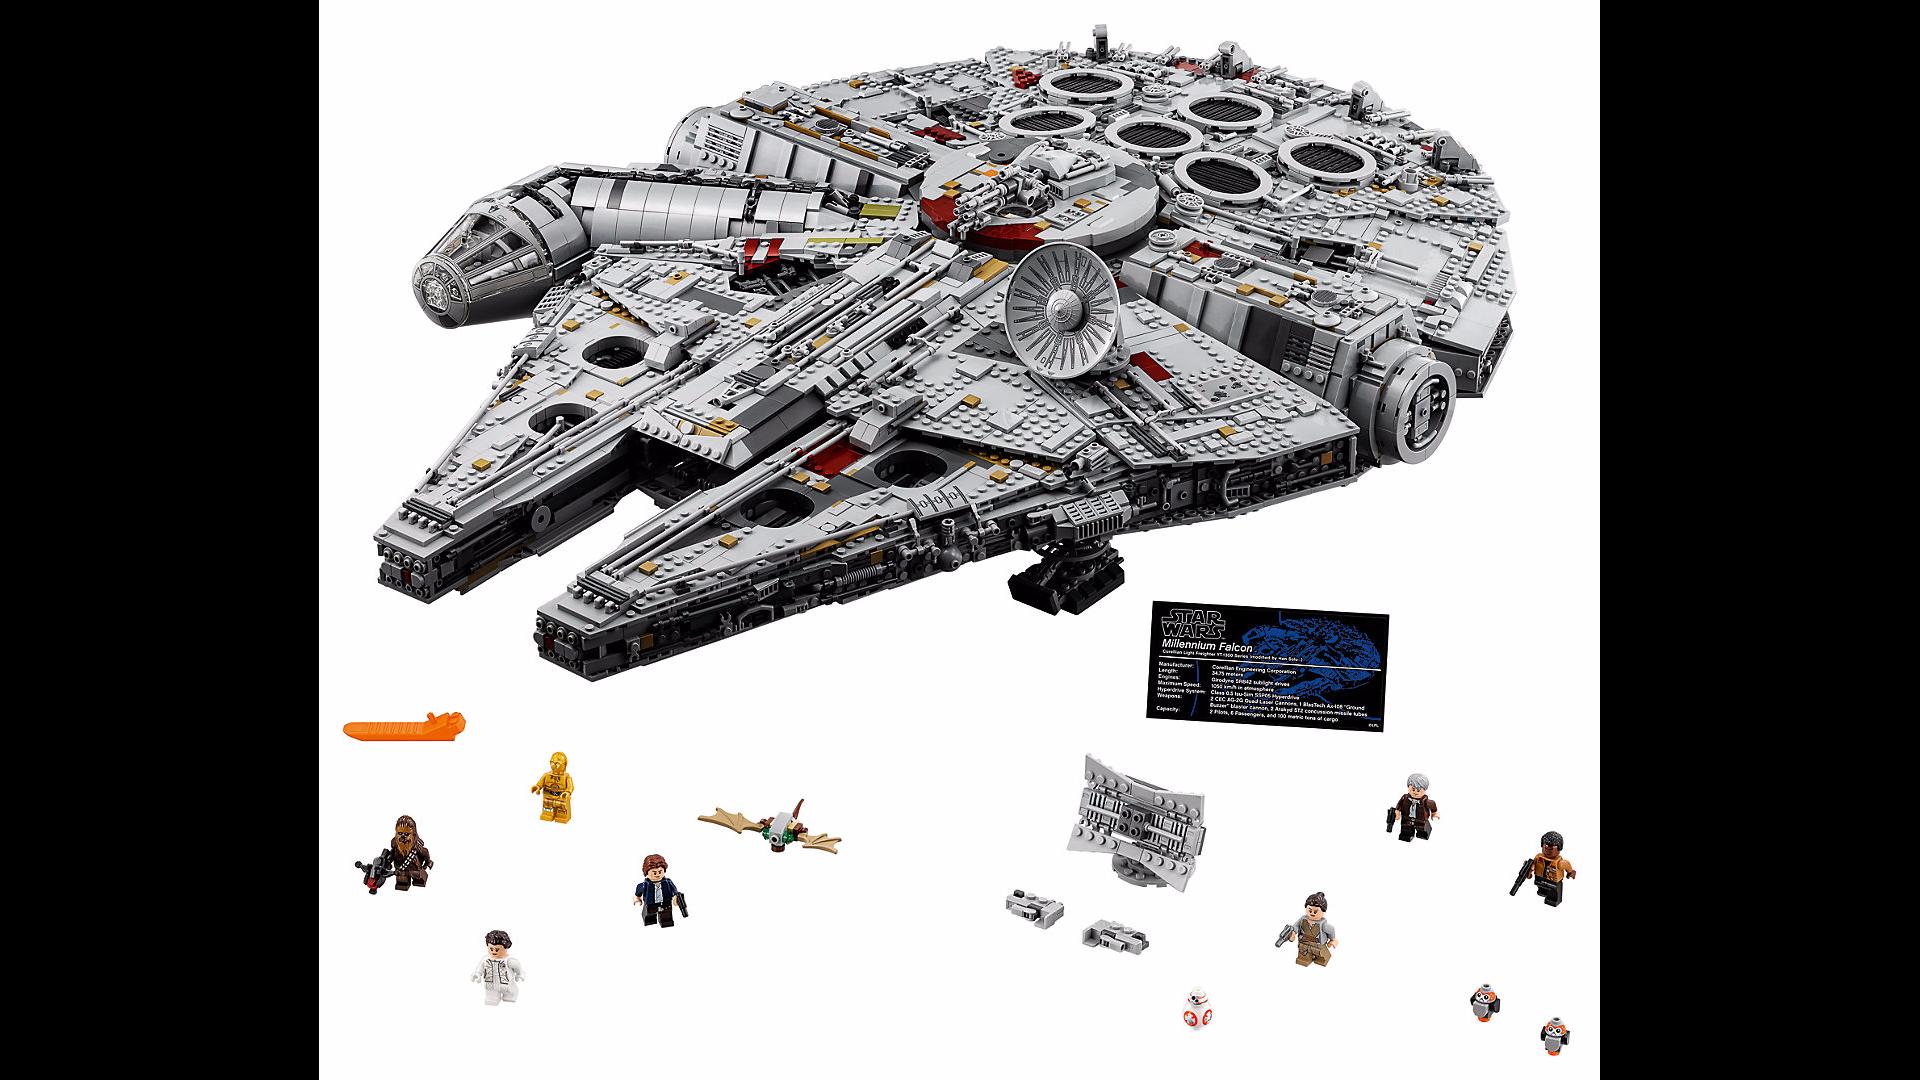 Lego Star Wars 75192 Millennium Falcon Wie Wertvoll Ist Er Wirklich Update